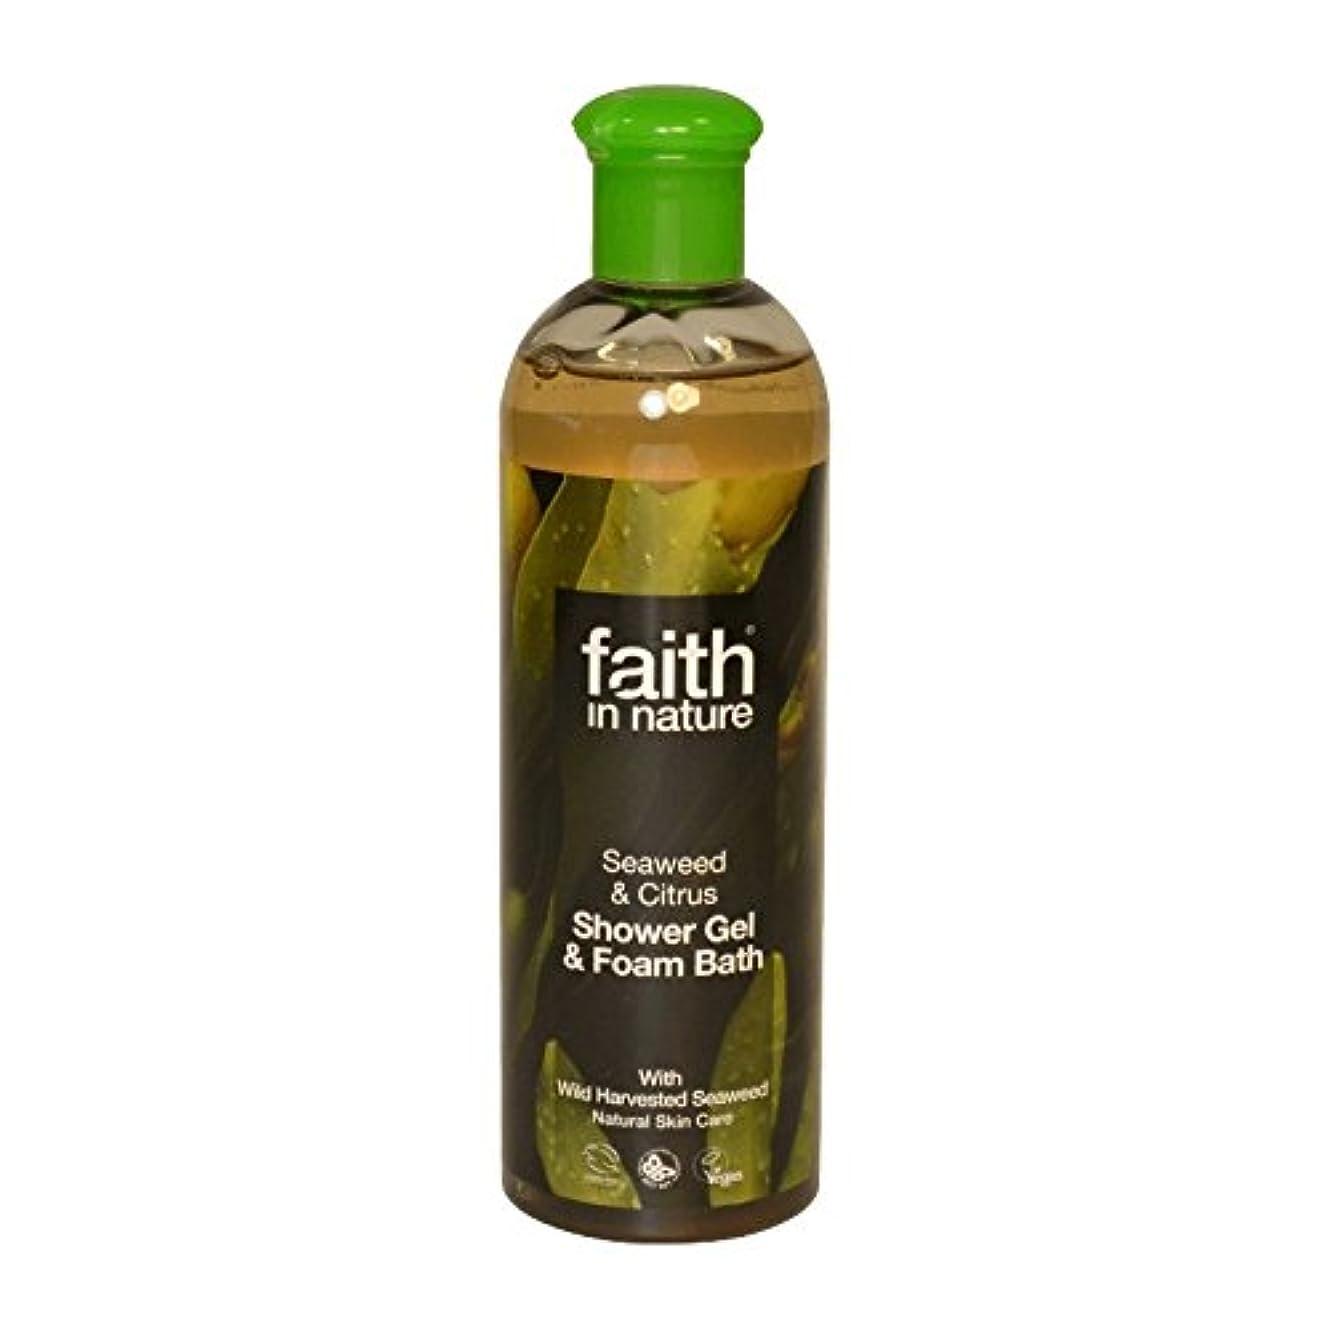 連合手紙を書く排出自然の海藻&シトラスシャワージェル&バス泡400ミリリットルの信仰 - Faith in Nature Seaweed & Citrus Shower Gel & Bath Foam 400ml (Faith in Nature...